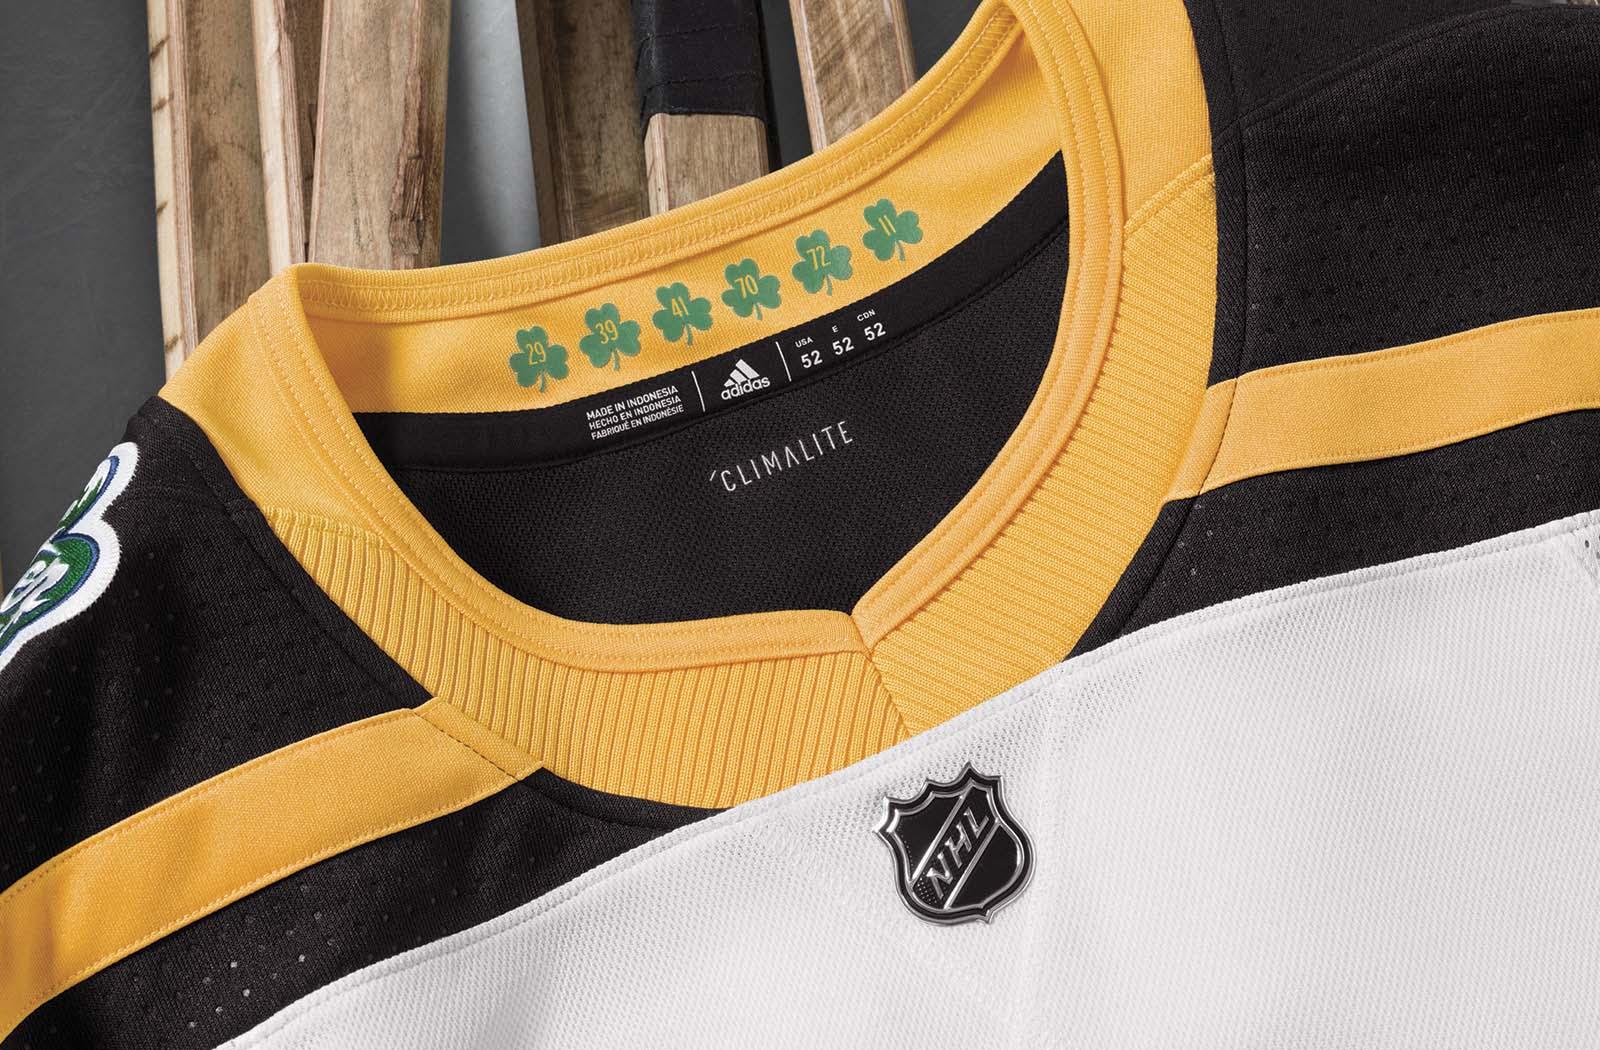 adidasHockey x Boston WinterClassic_03.jpg